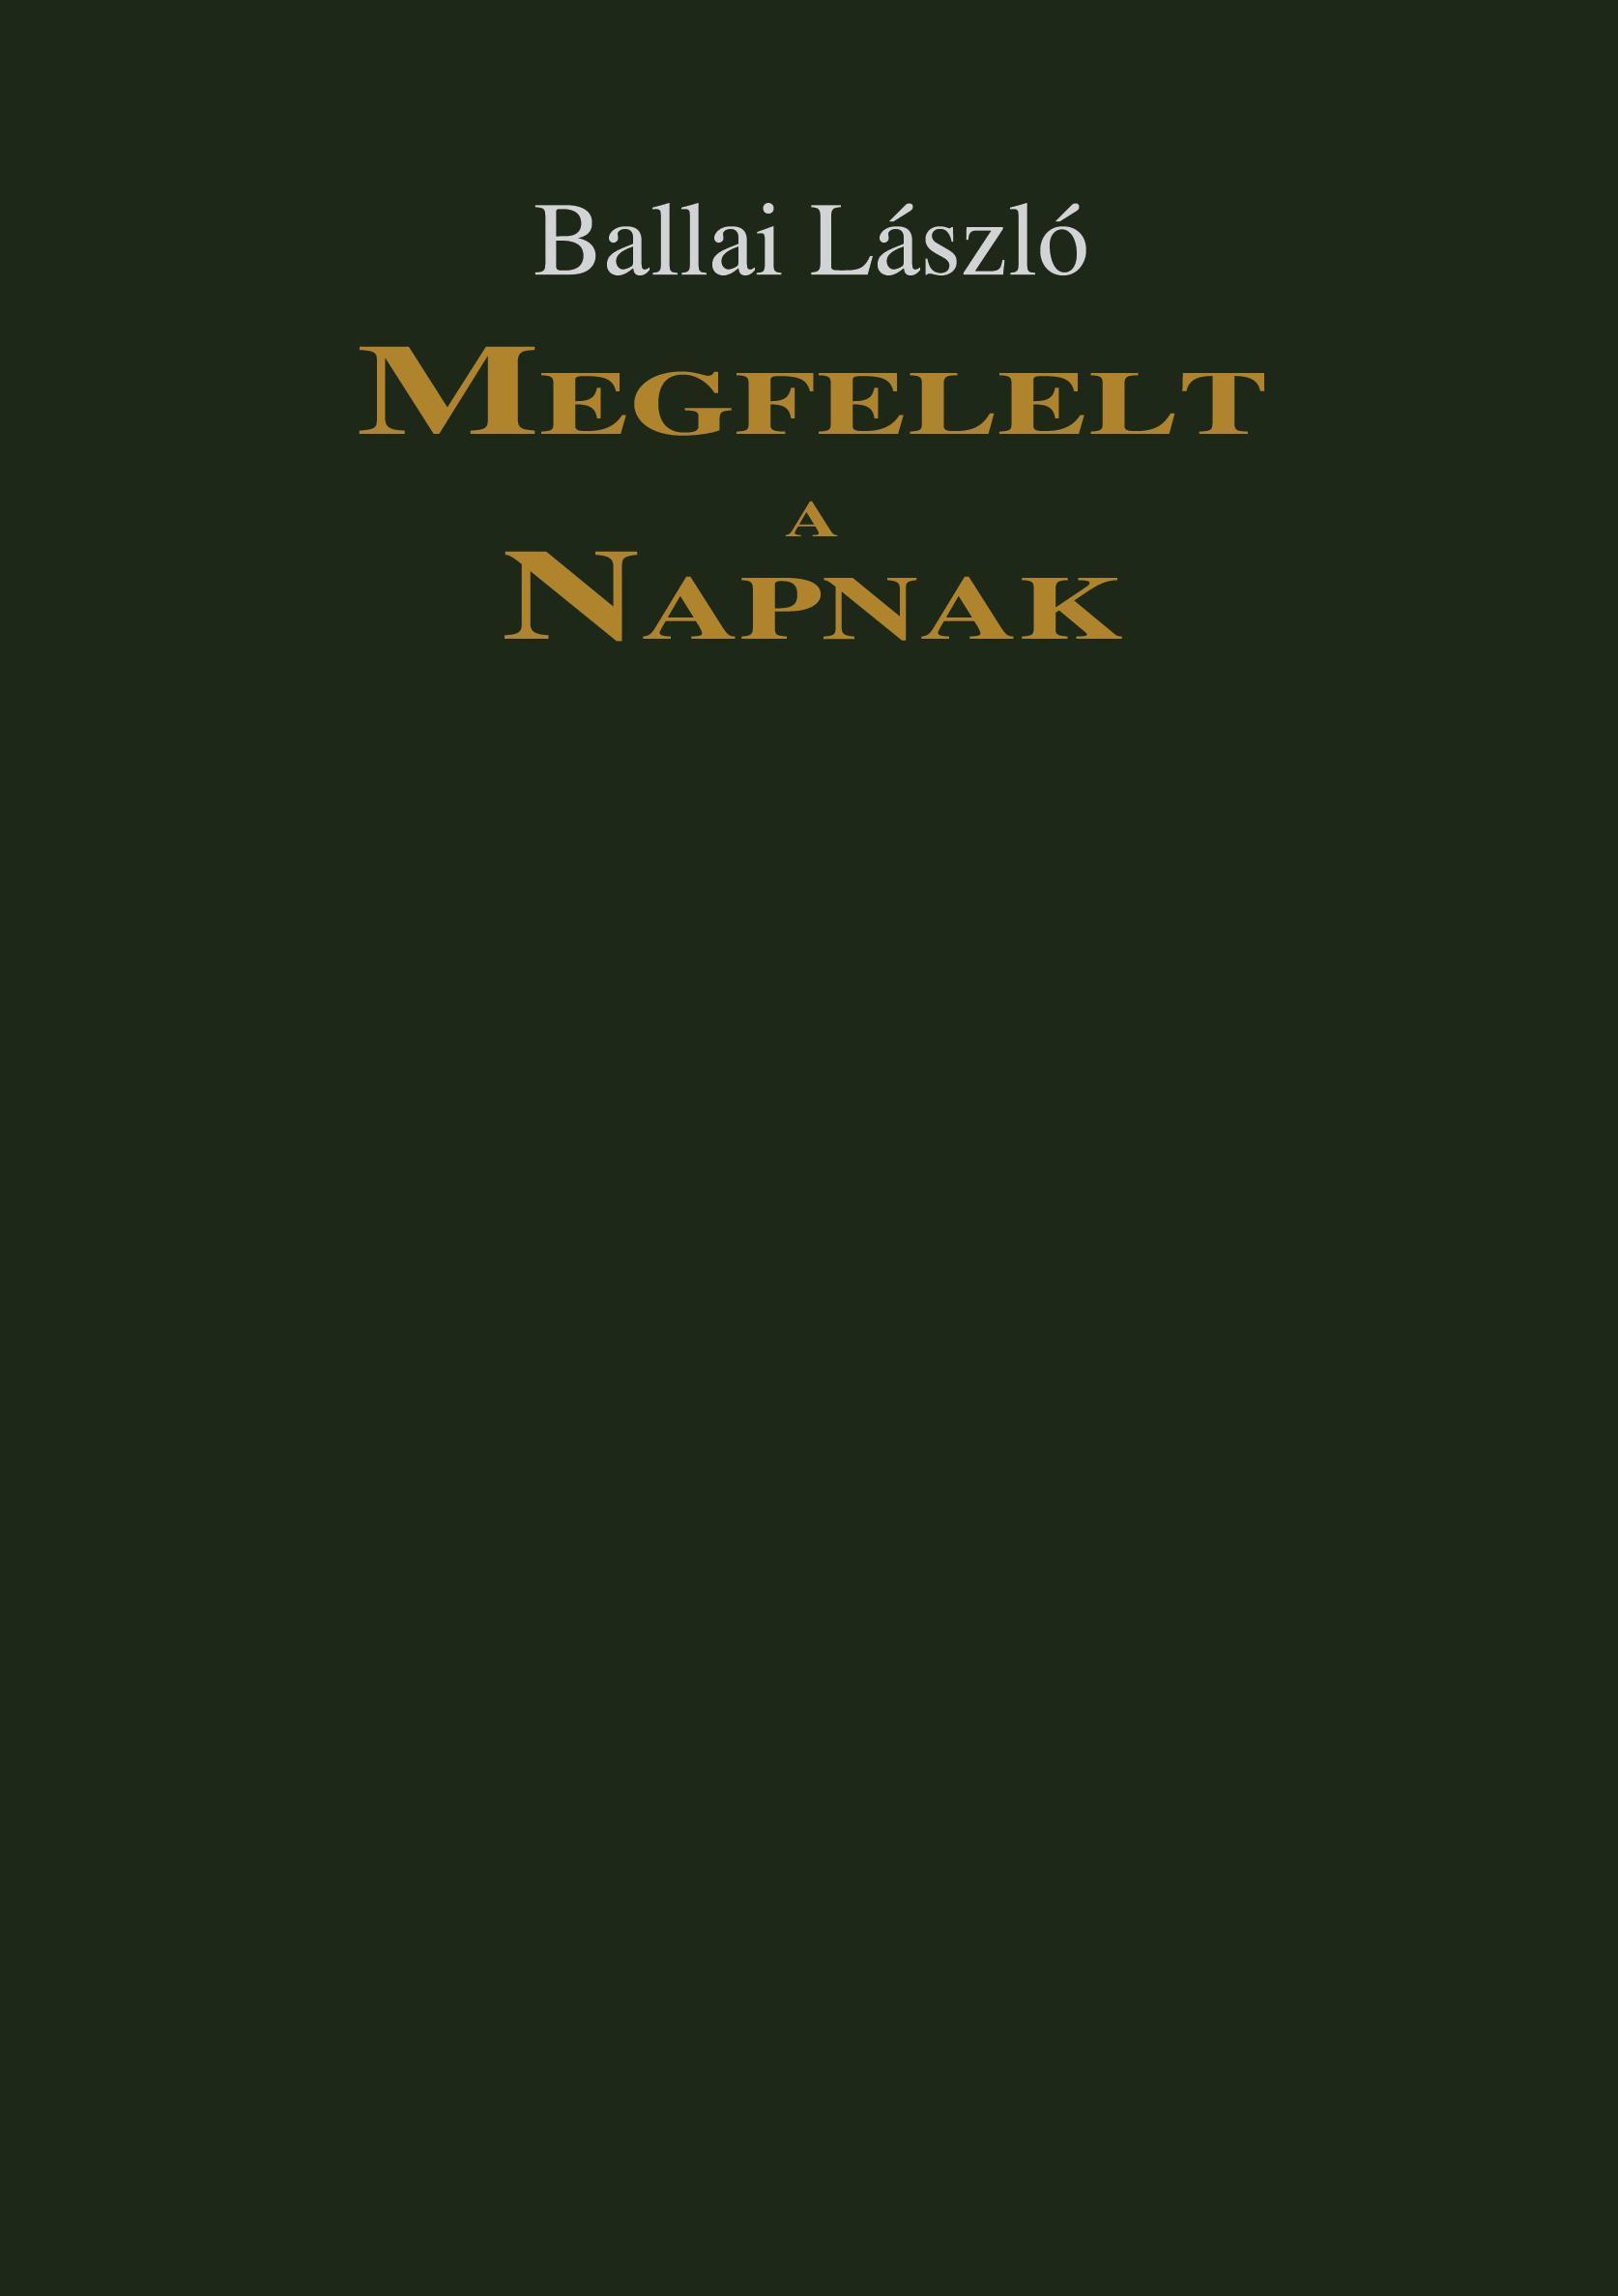 MEGFELELT A NAPNAK